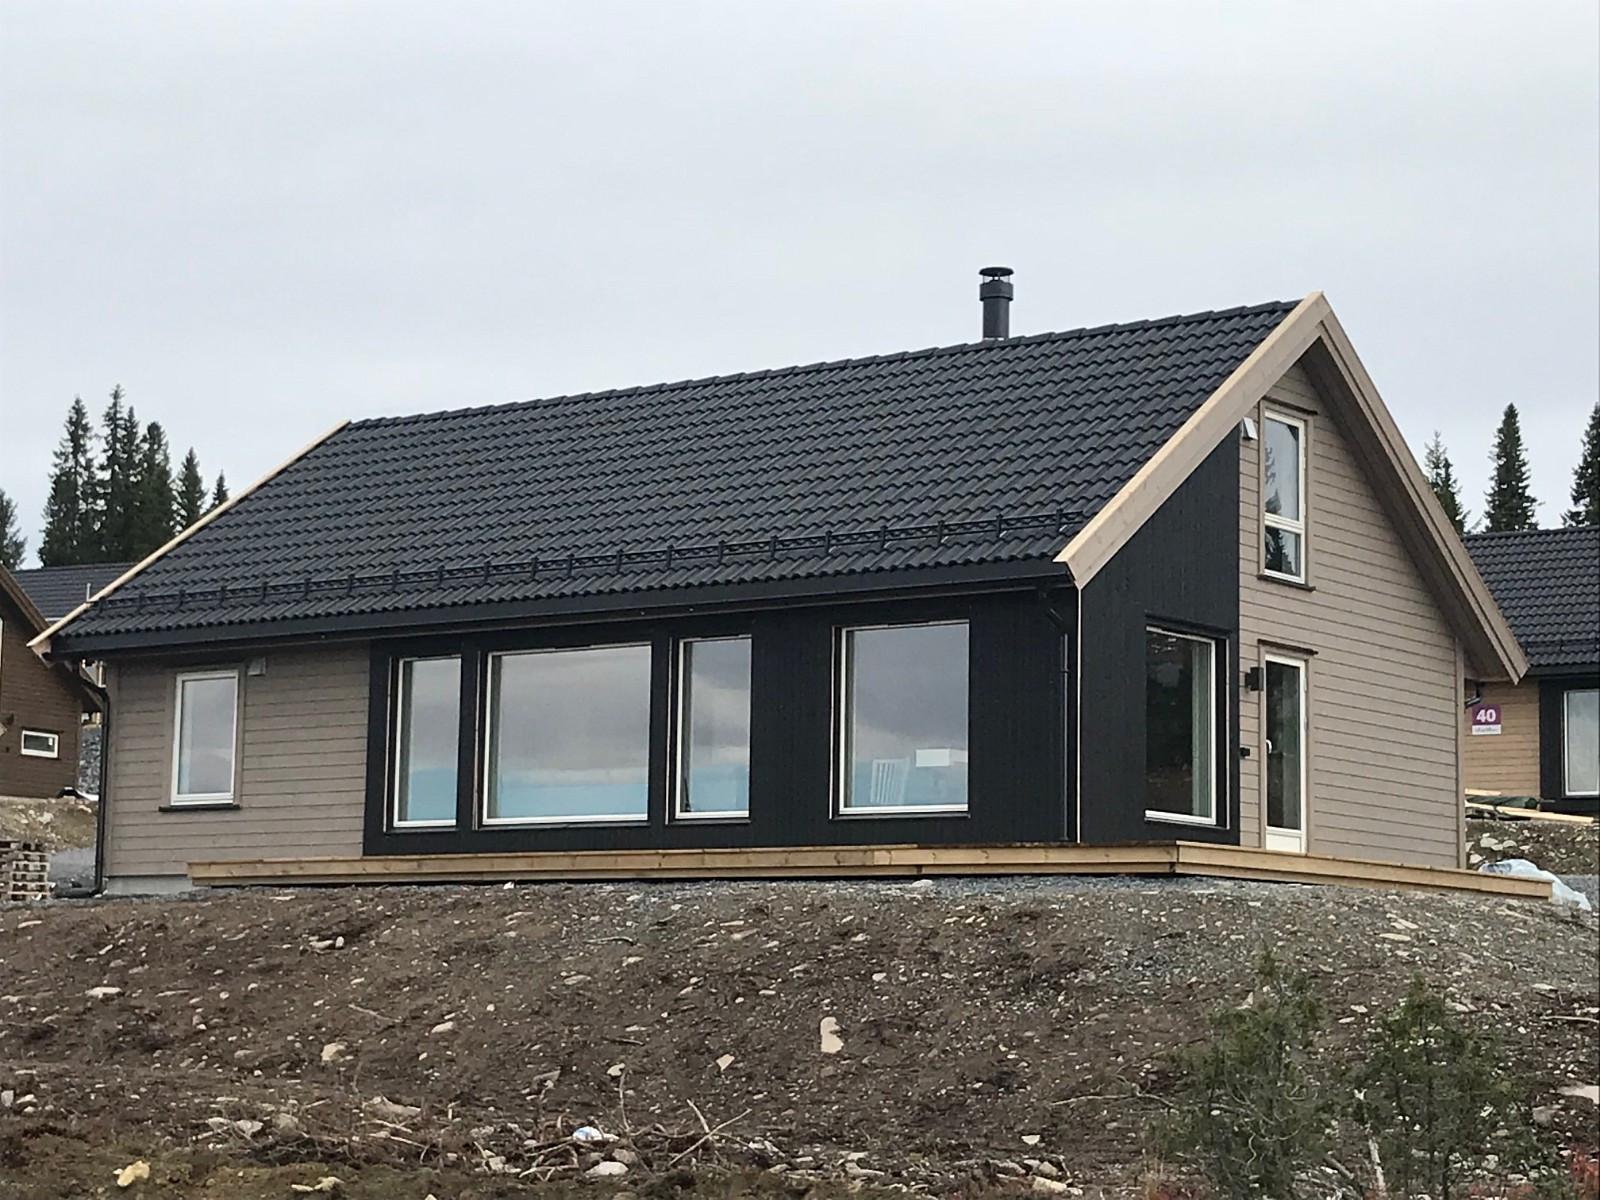 Nybygget hytte fra 2018